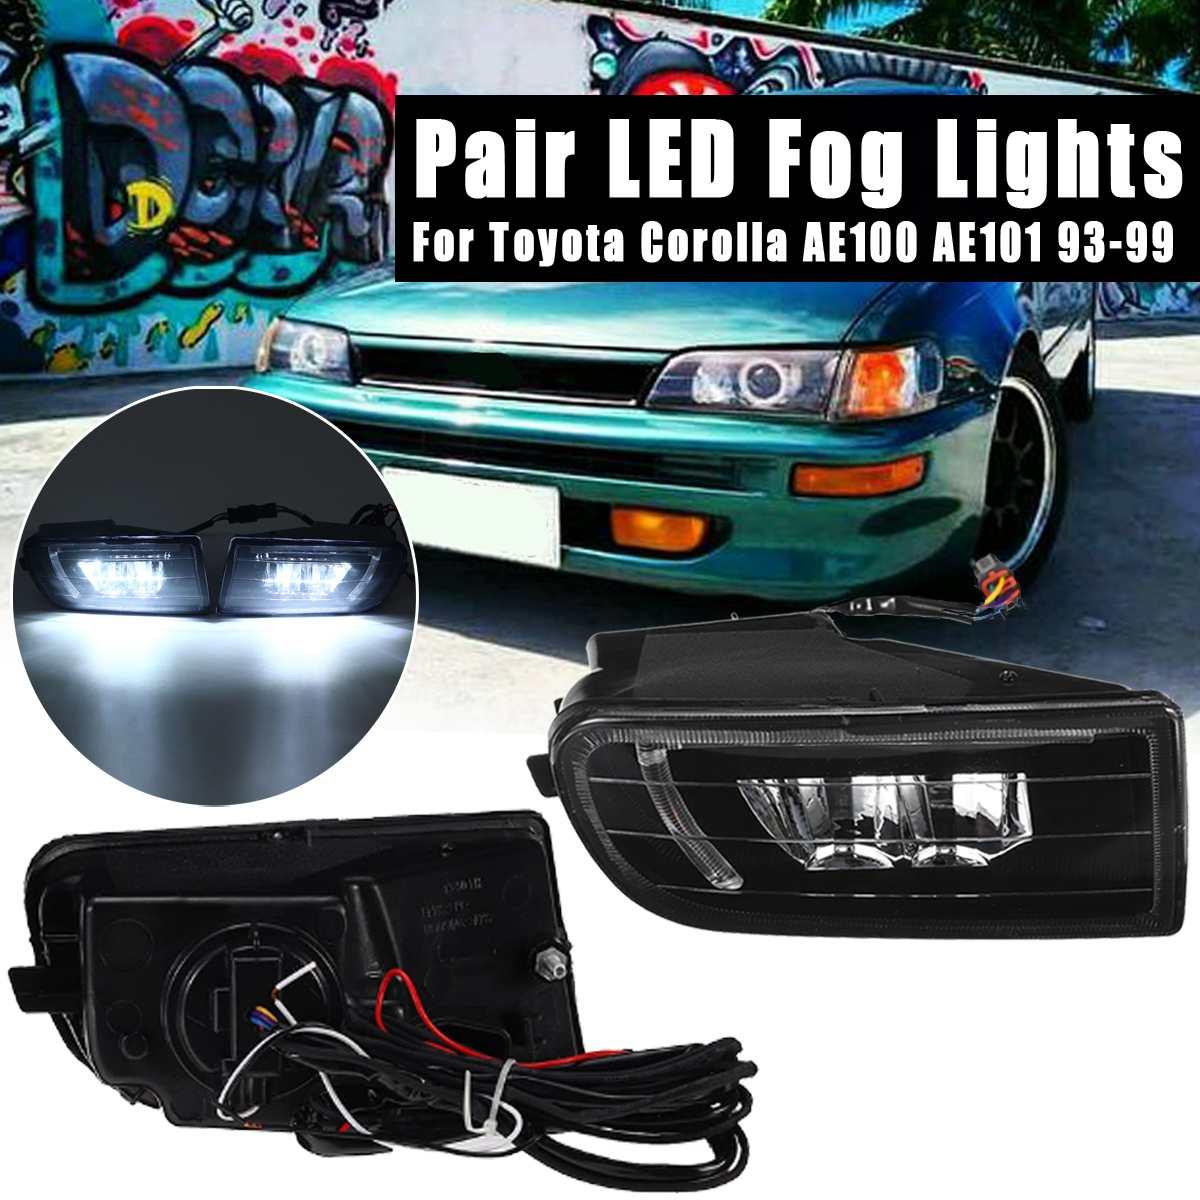 Pair Fog Lamp Assembly Super Bright Fog Light For Toyota Corolla AE100 AE101 1993 1994 1995 1996 1997 1998 1999 Led Fog Lights